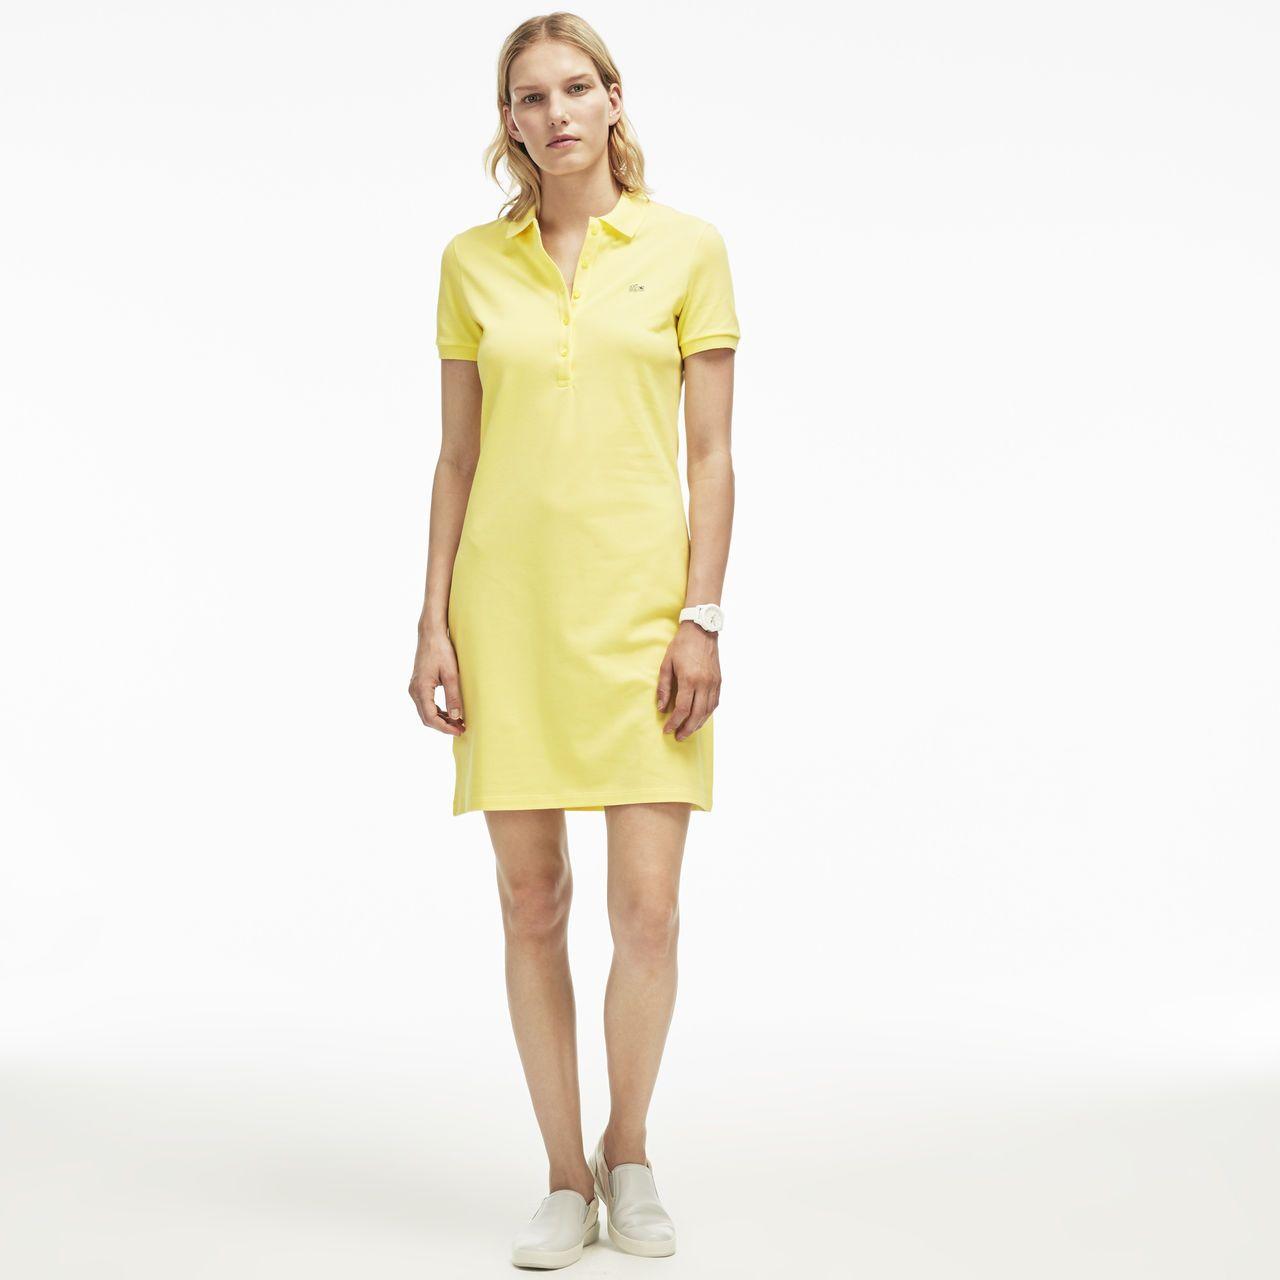 Vestido da Lacoste amarelo.   Fashion and Style 298fc55332